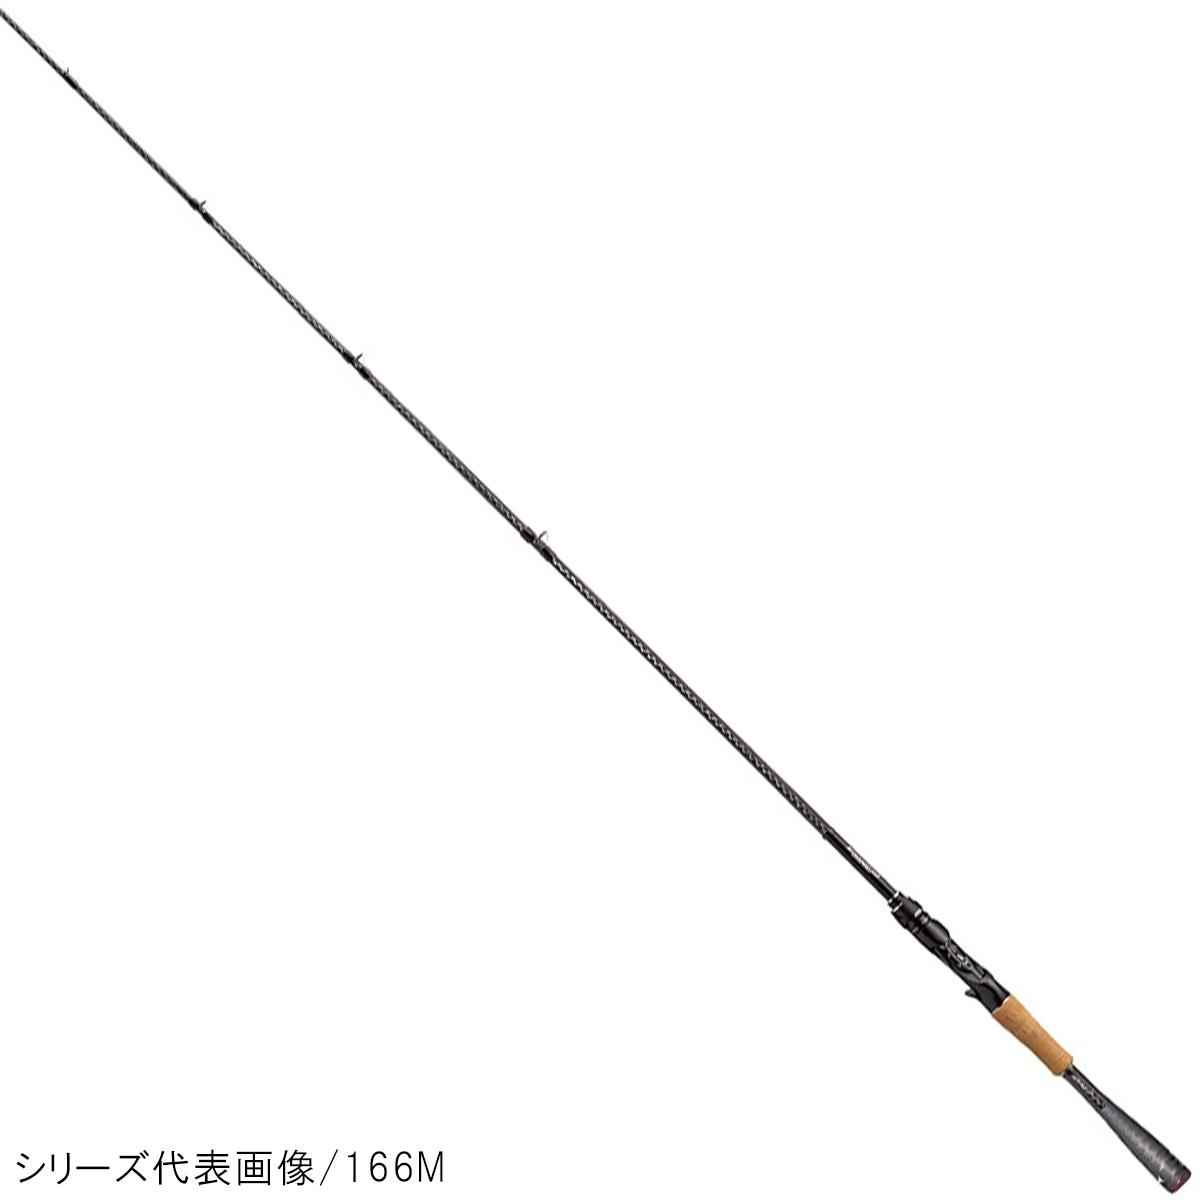 ポイズングロリアス 166MH シマノ【大型商品】【同梱不可】